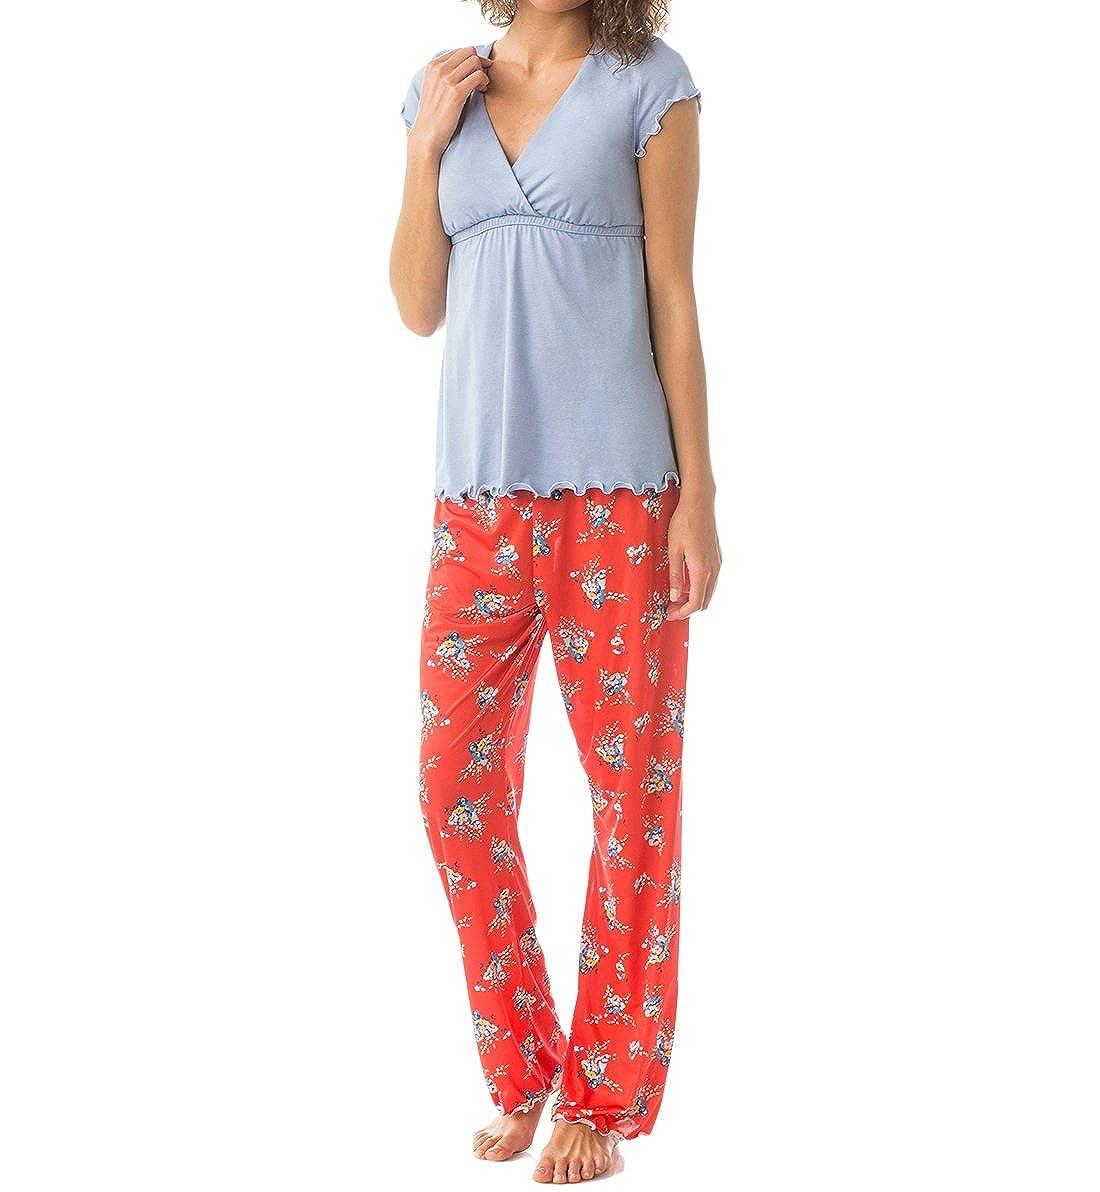 Majamas APPAREL レディース B01B561PQU L|Aura (Light Blue/Red Floral) Aura (Light Blue/Red Floral) L